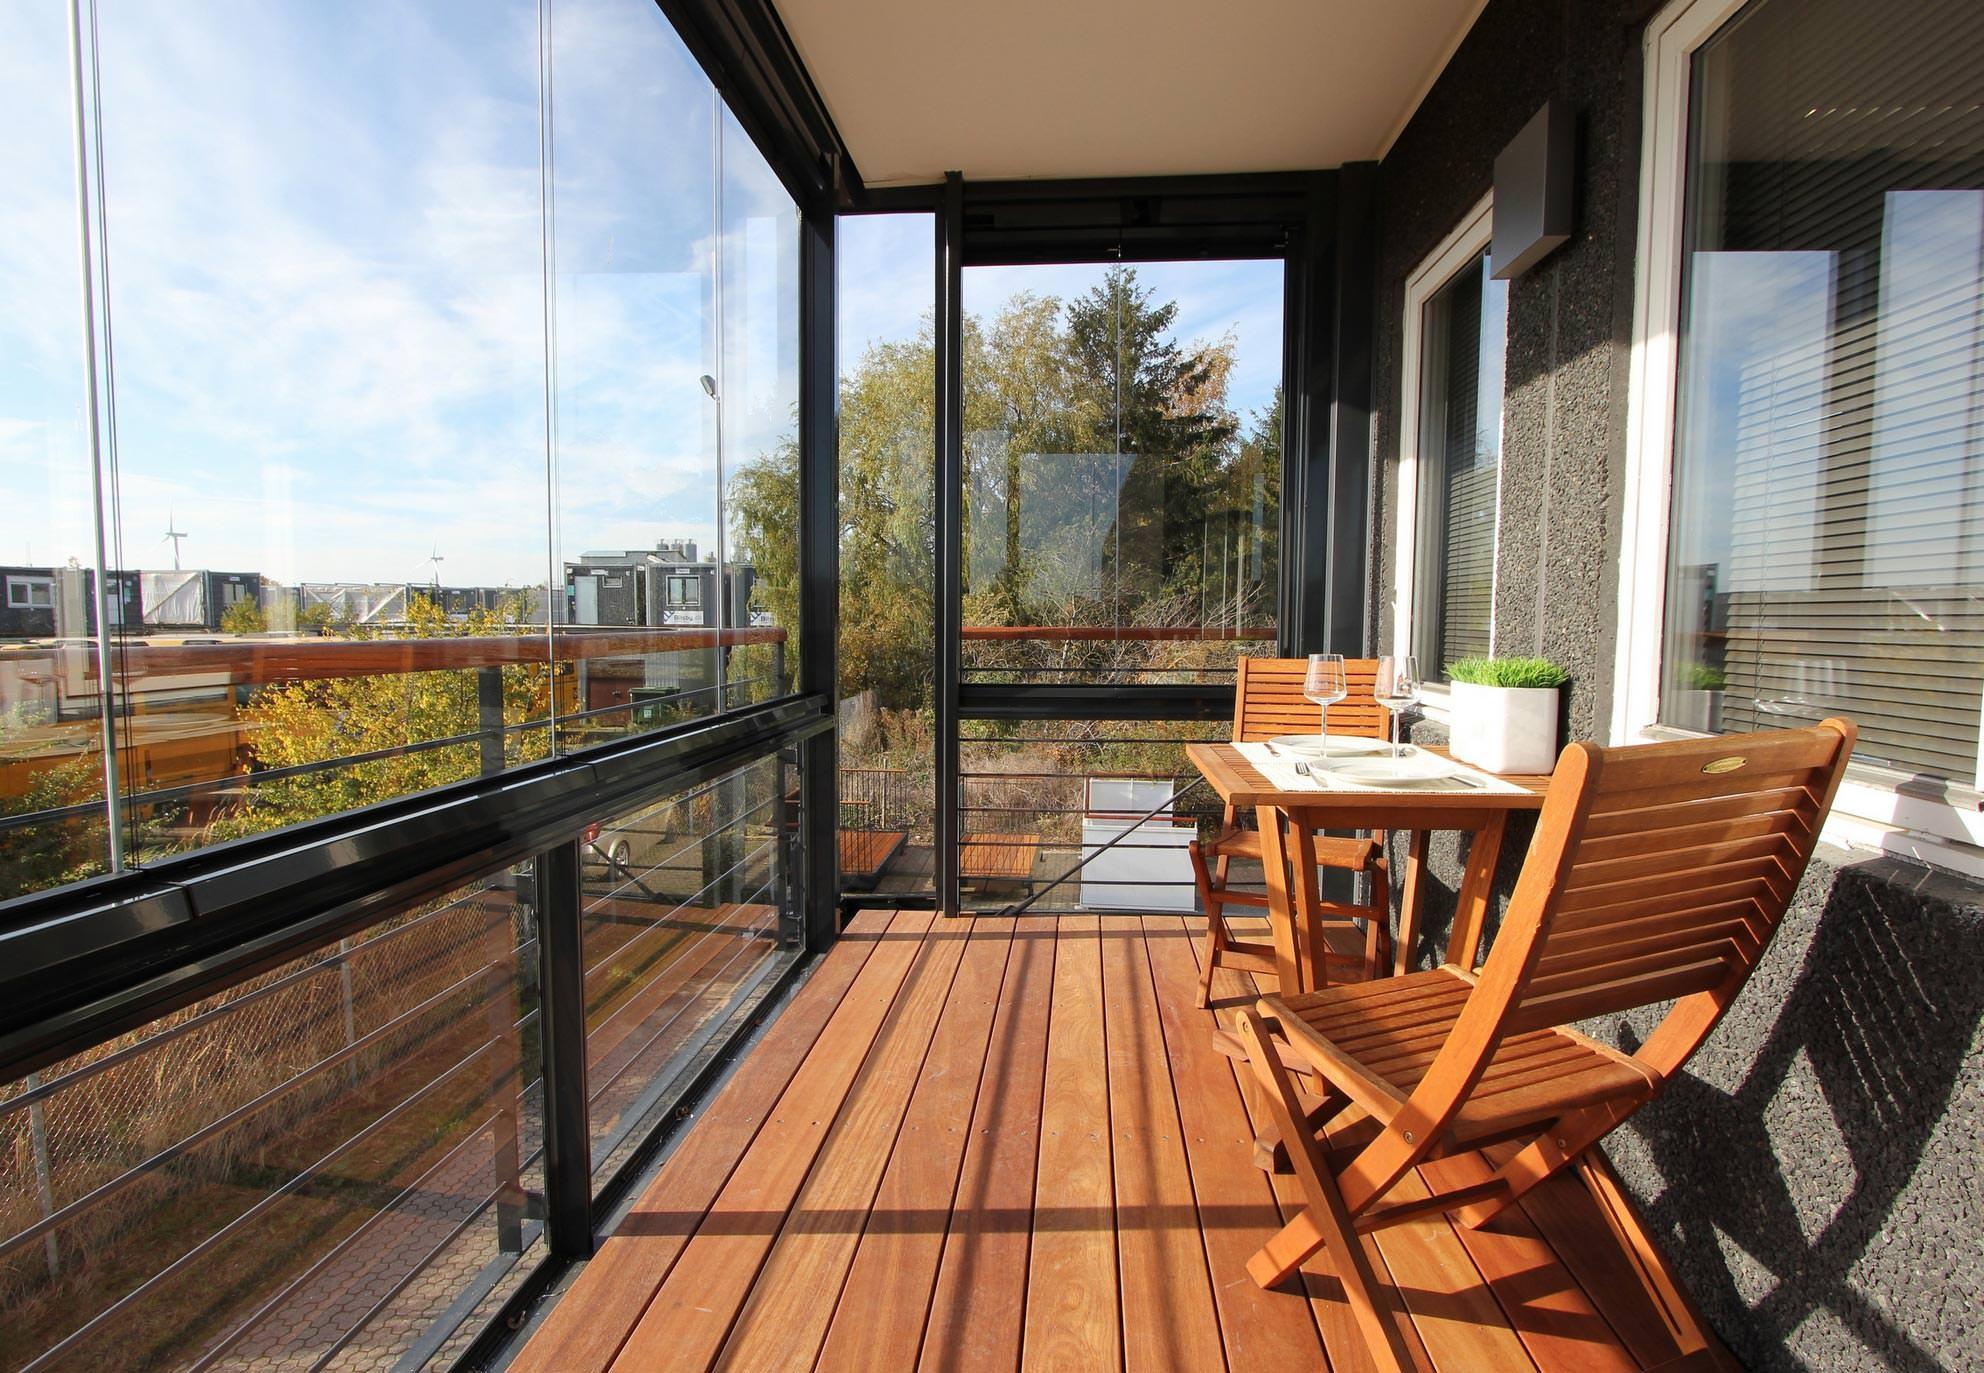 faltfenster faltfenster detail aufhngung oben oder unten mit flgeln die nach auen oder nach. Black Bedroom Furniture Sets. Home Design Ideas